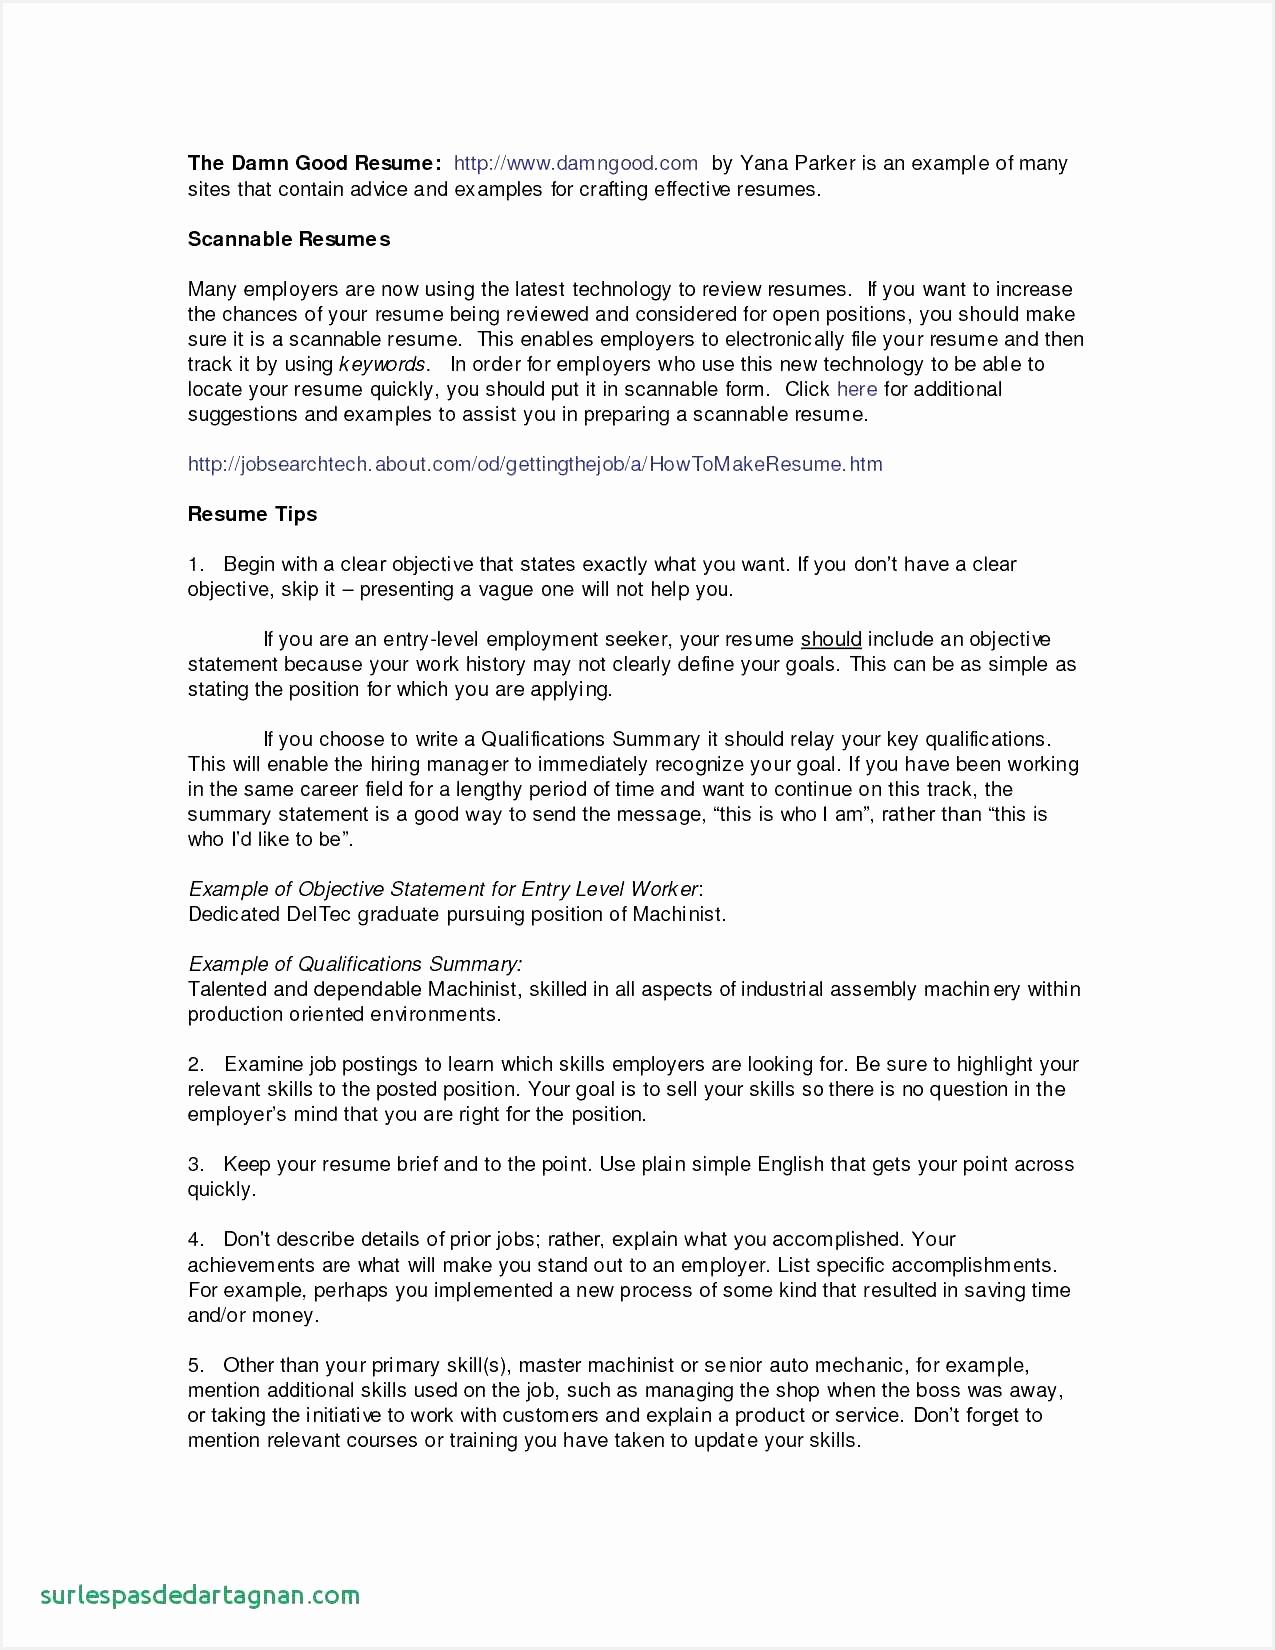 Resume Tutor Luxury Writing Your Resume Luxury Dishwasher Resume 0d free resume format resume templates16501275